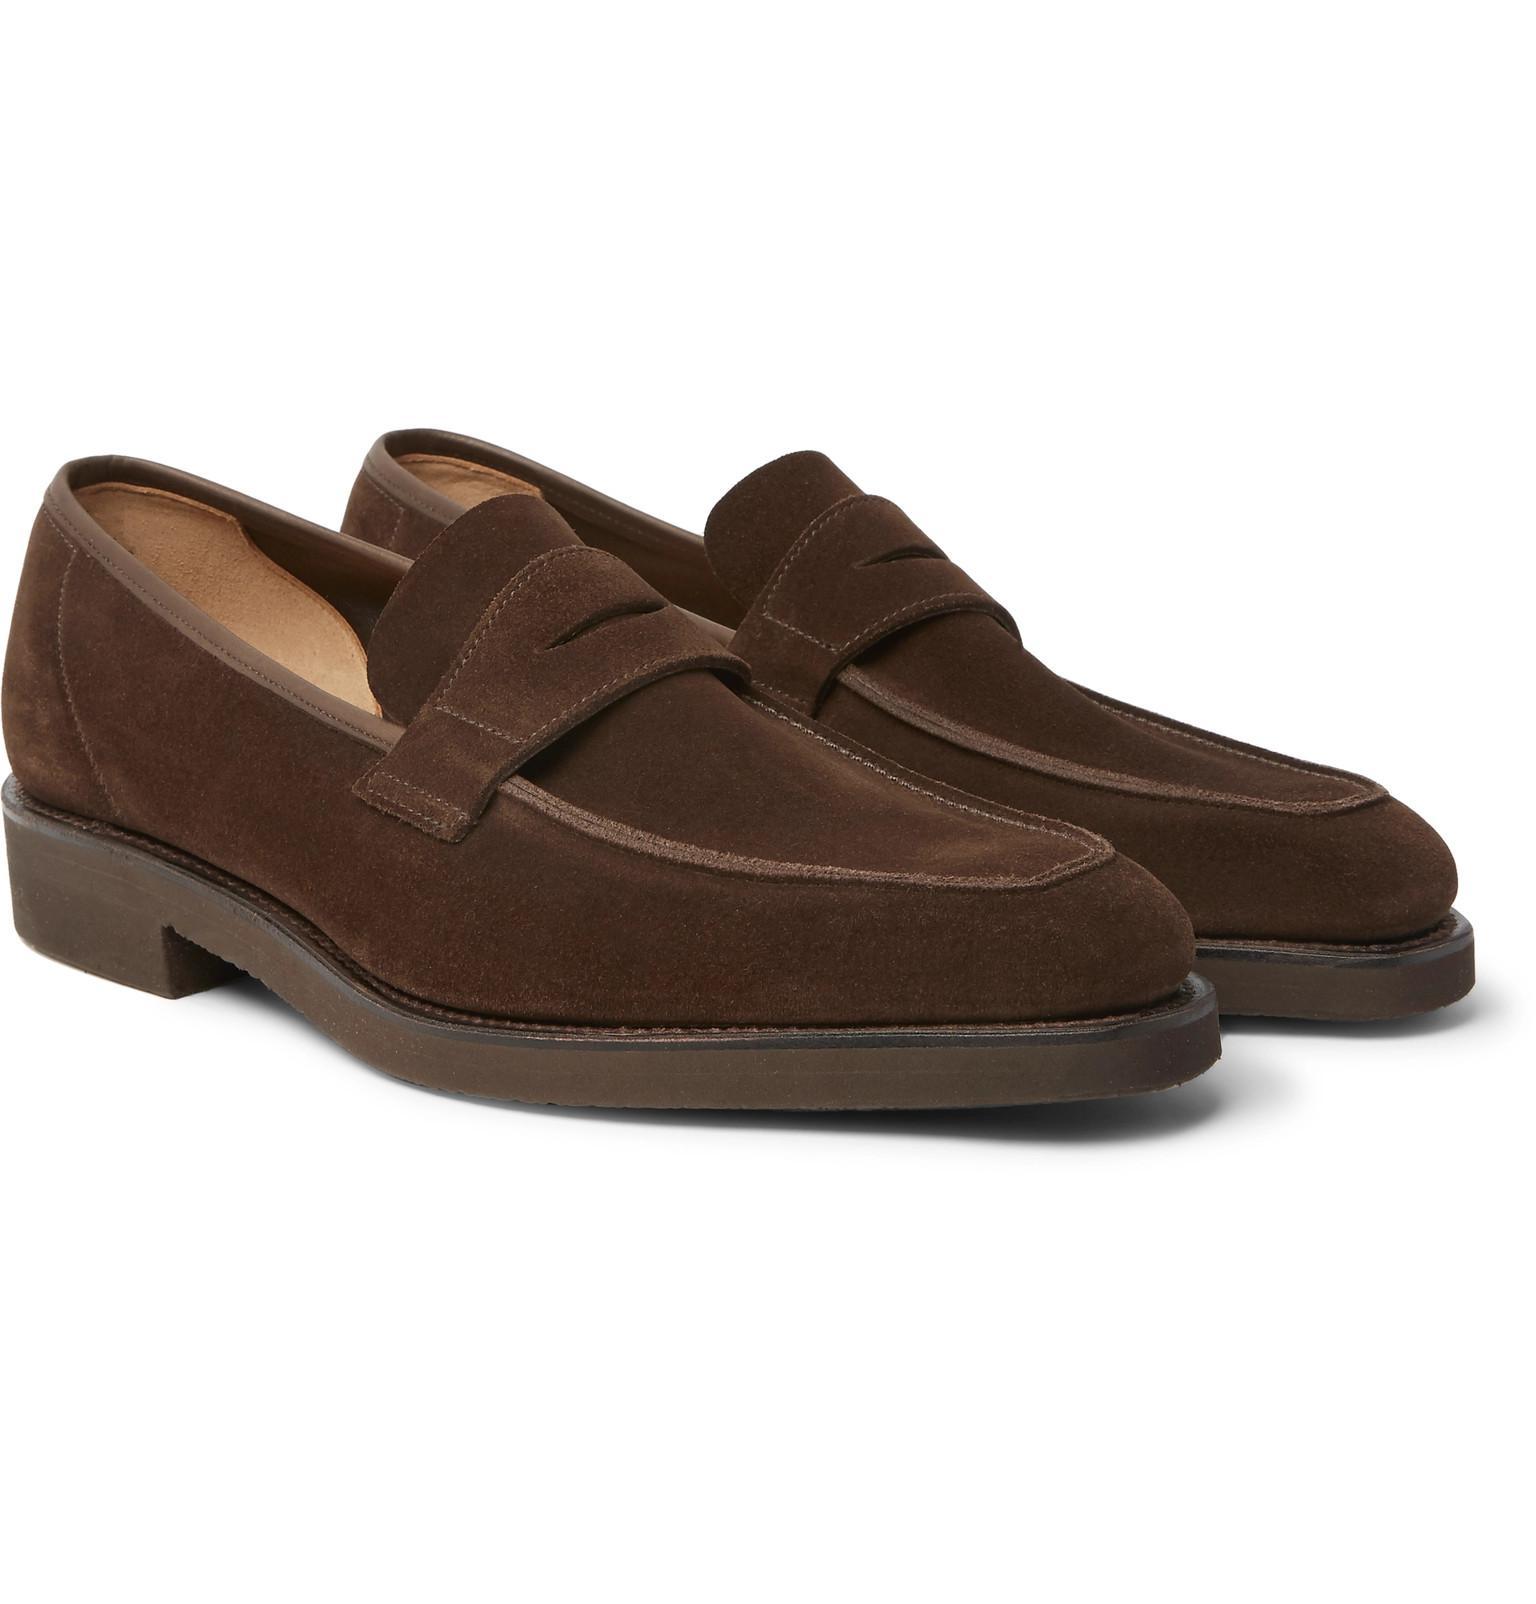 Professionnel Vente Réduction Authentique Thomas Suede Monk-strap Shoes - BrownGeorge Cleverley Le Meilleur Magasin Pour Obtenir Sortie D'usine De Sortie y9pINXdI